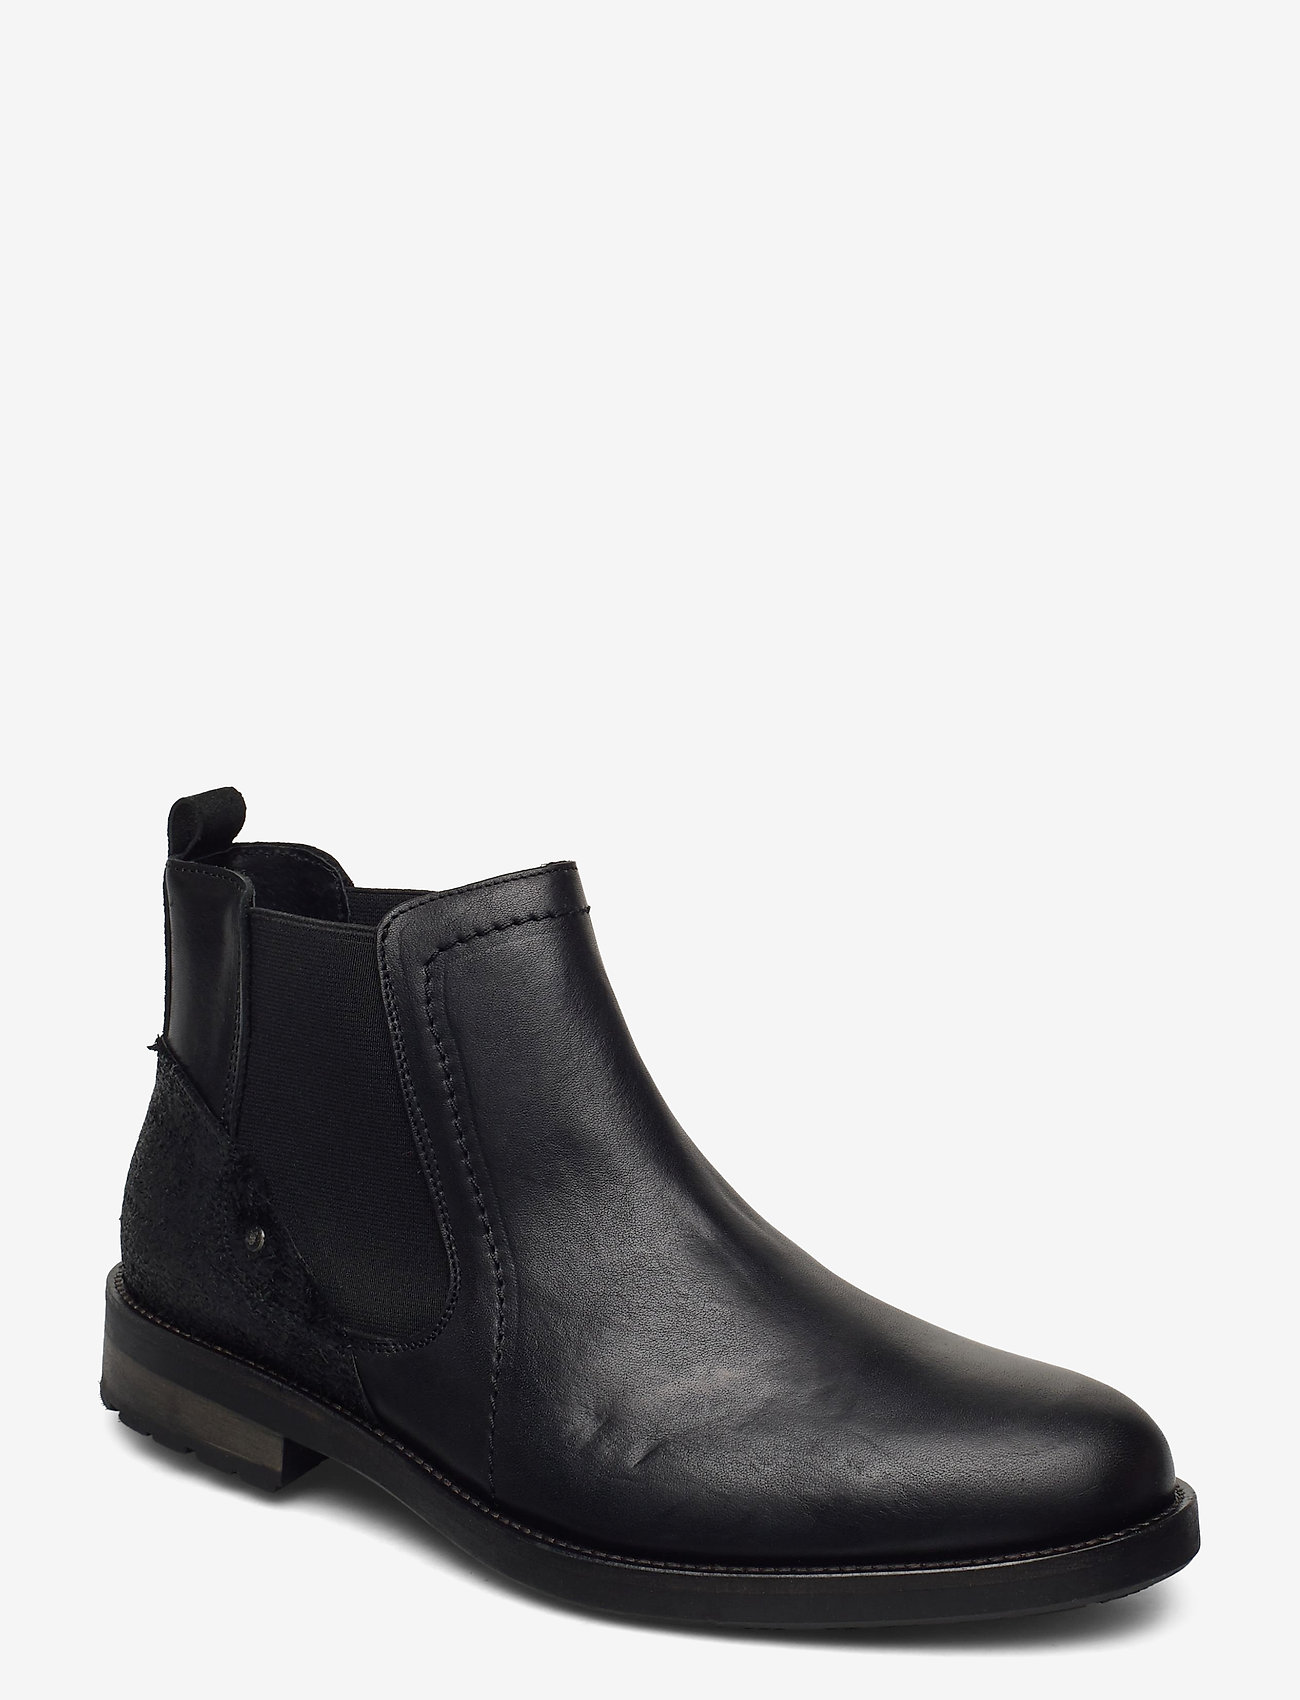 Marstrand - ALFIE MARSTRAND KÄNGA - chelsea boots - black - 0